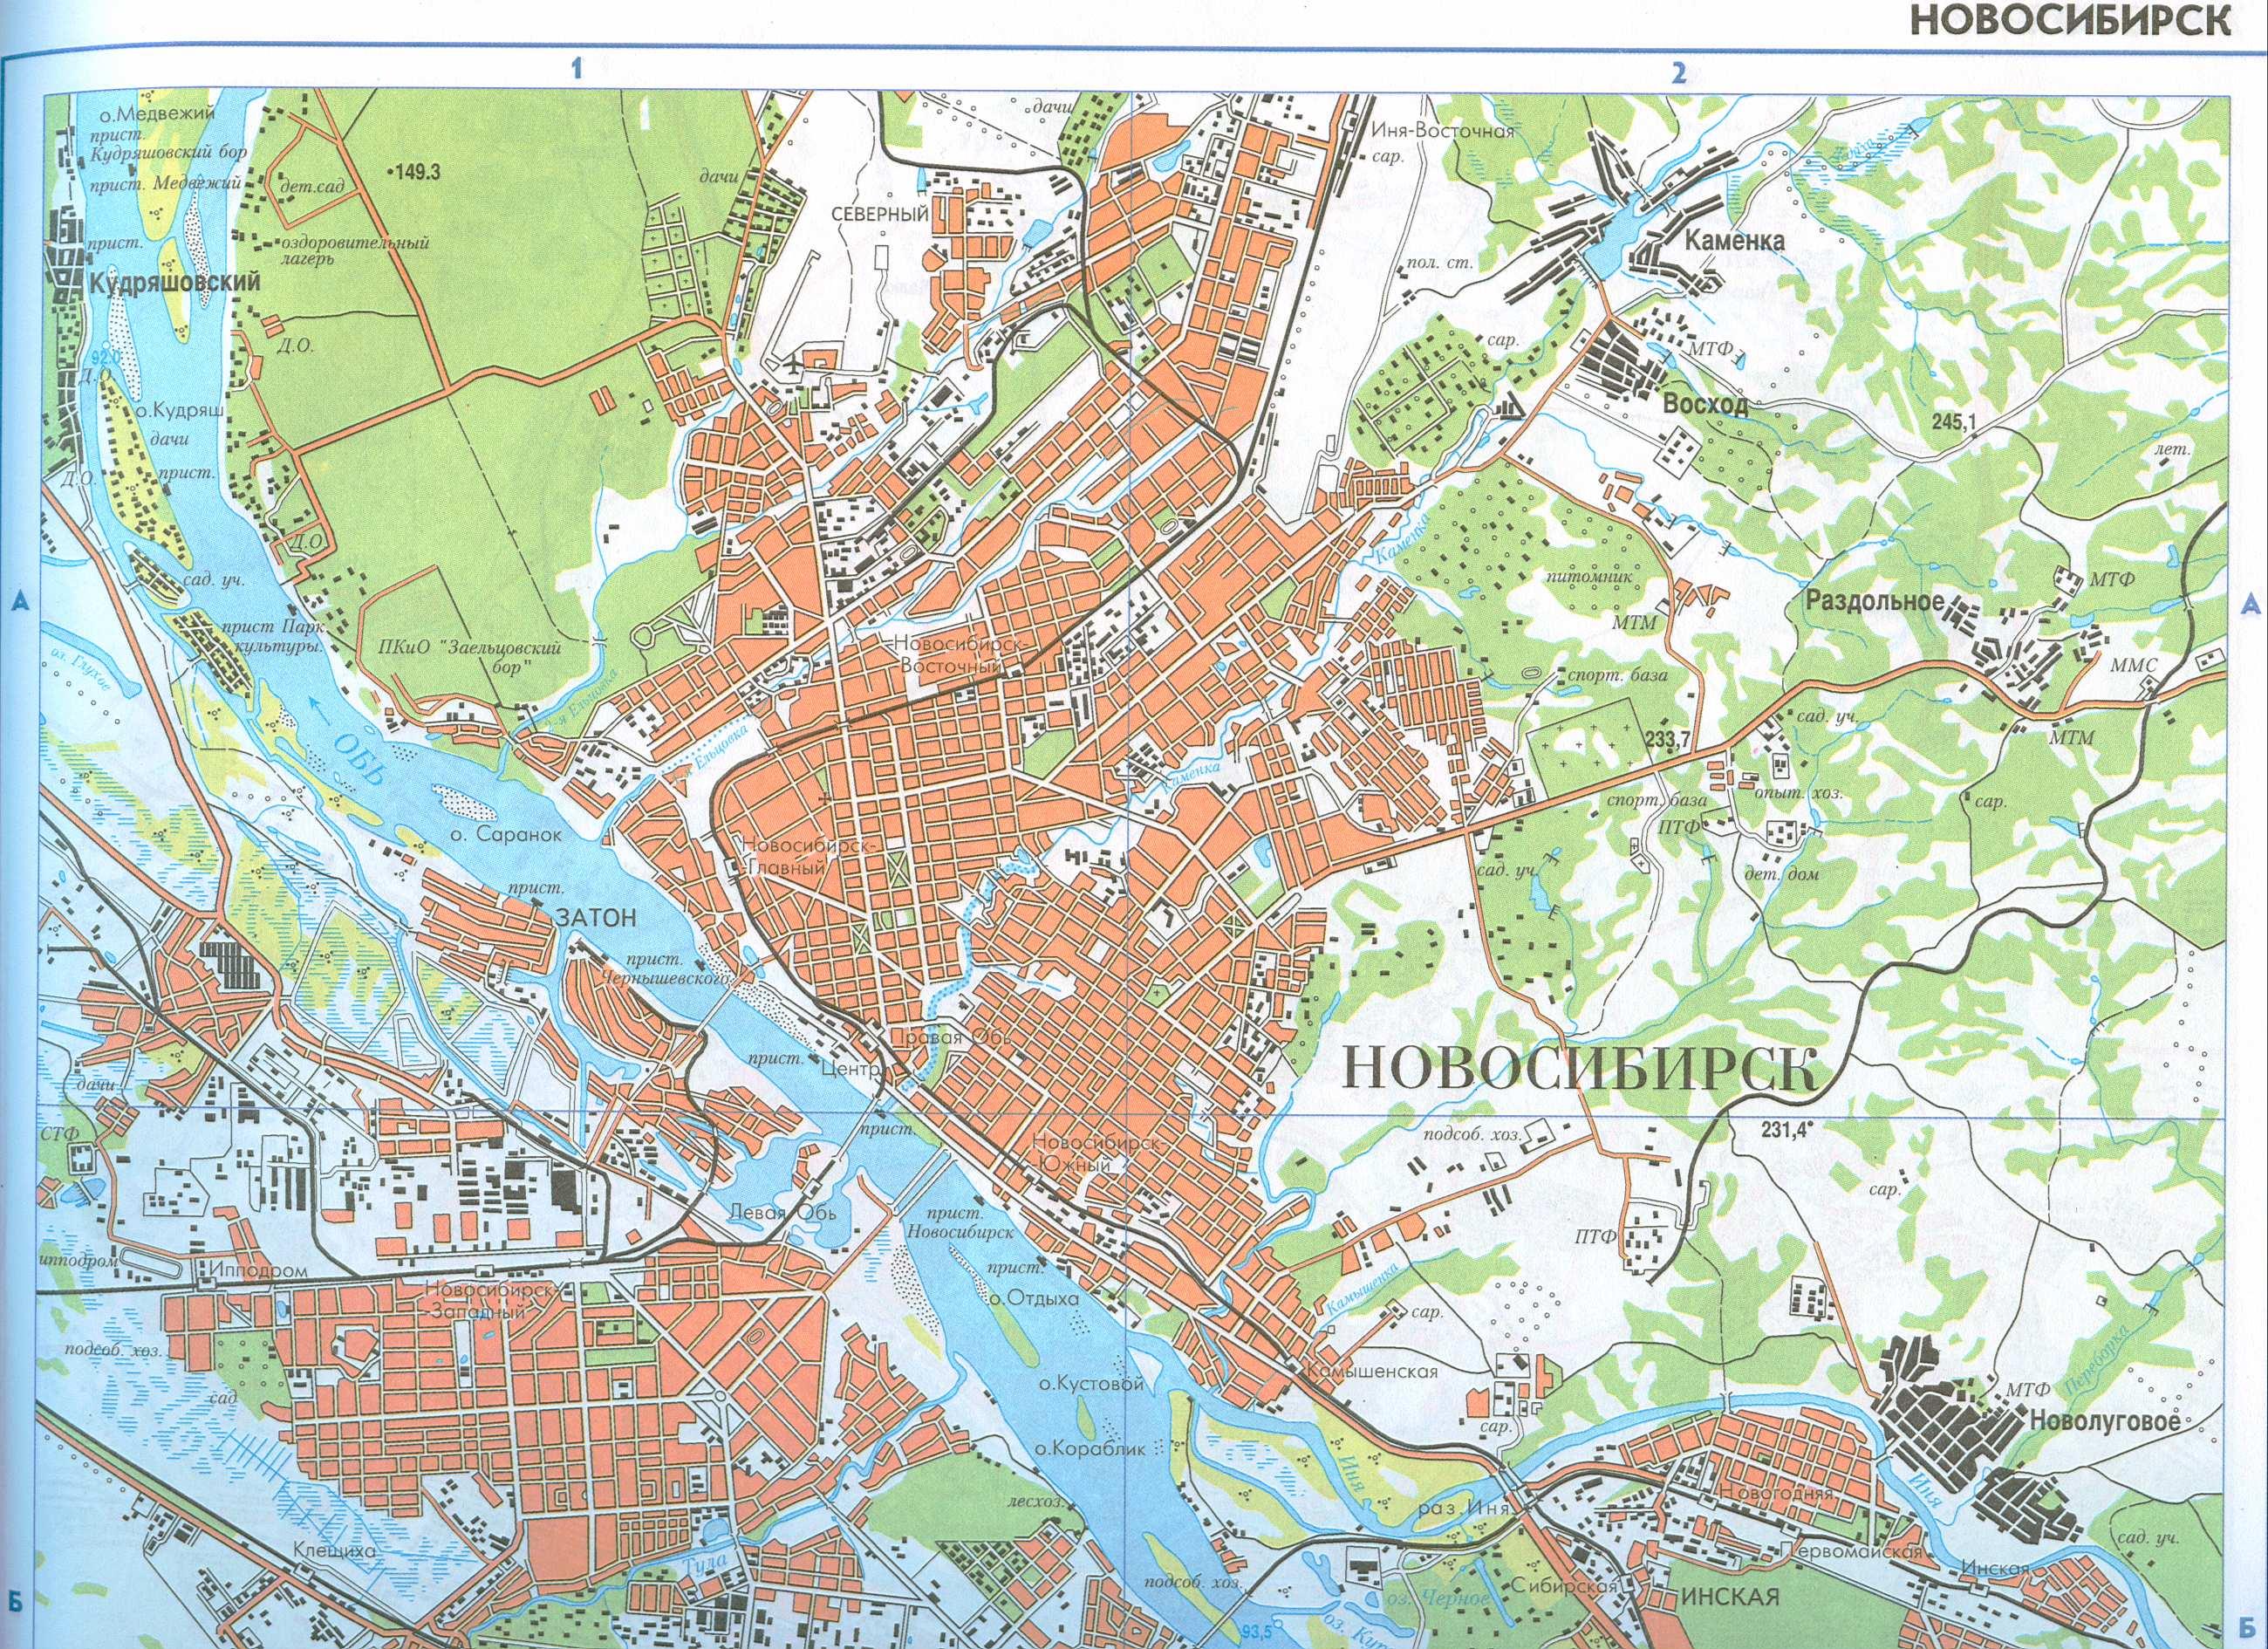 10.10.2011 14:30).  Плакаты с фрагментами карт города появились в Новосибирске.  Так, городские власти намерены...